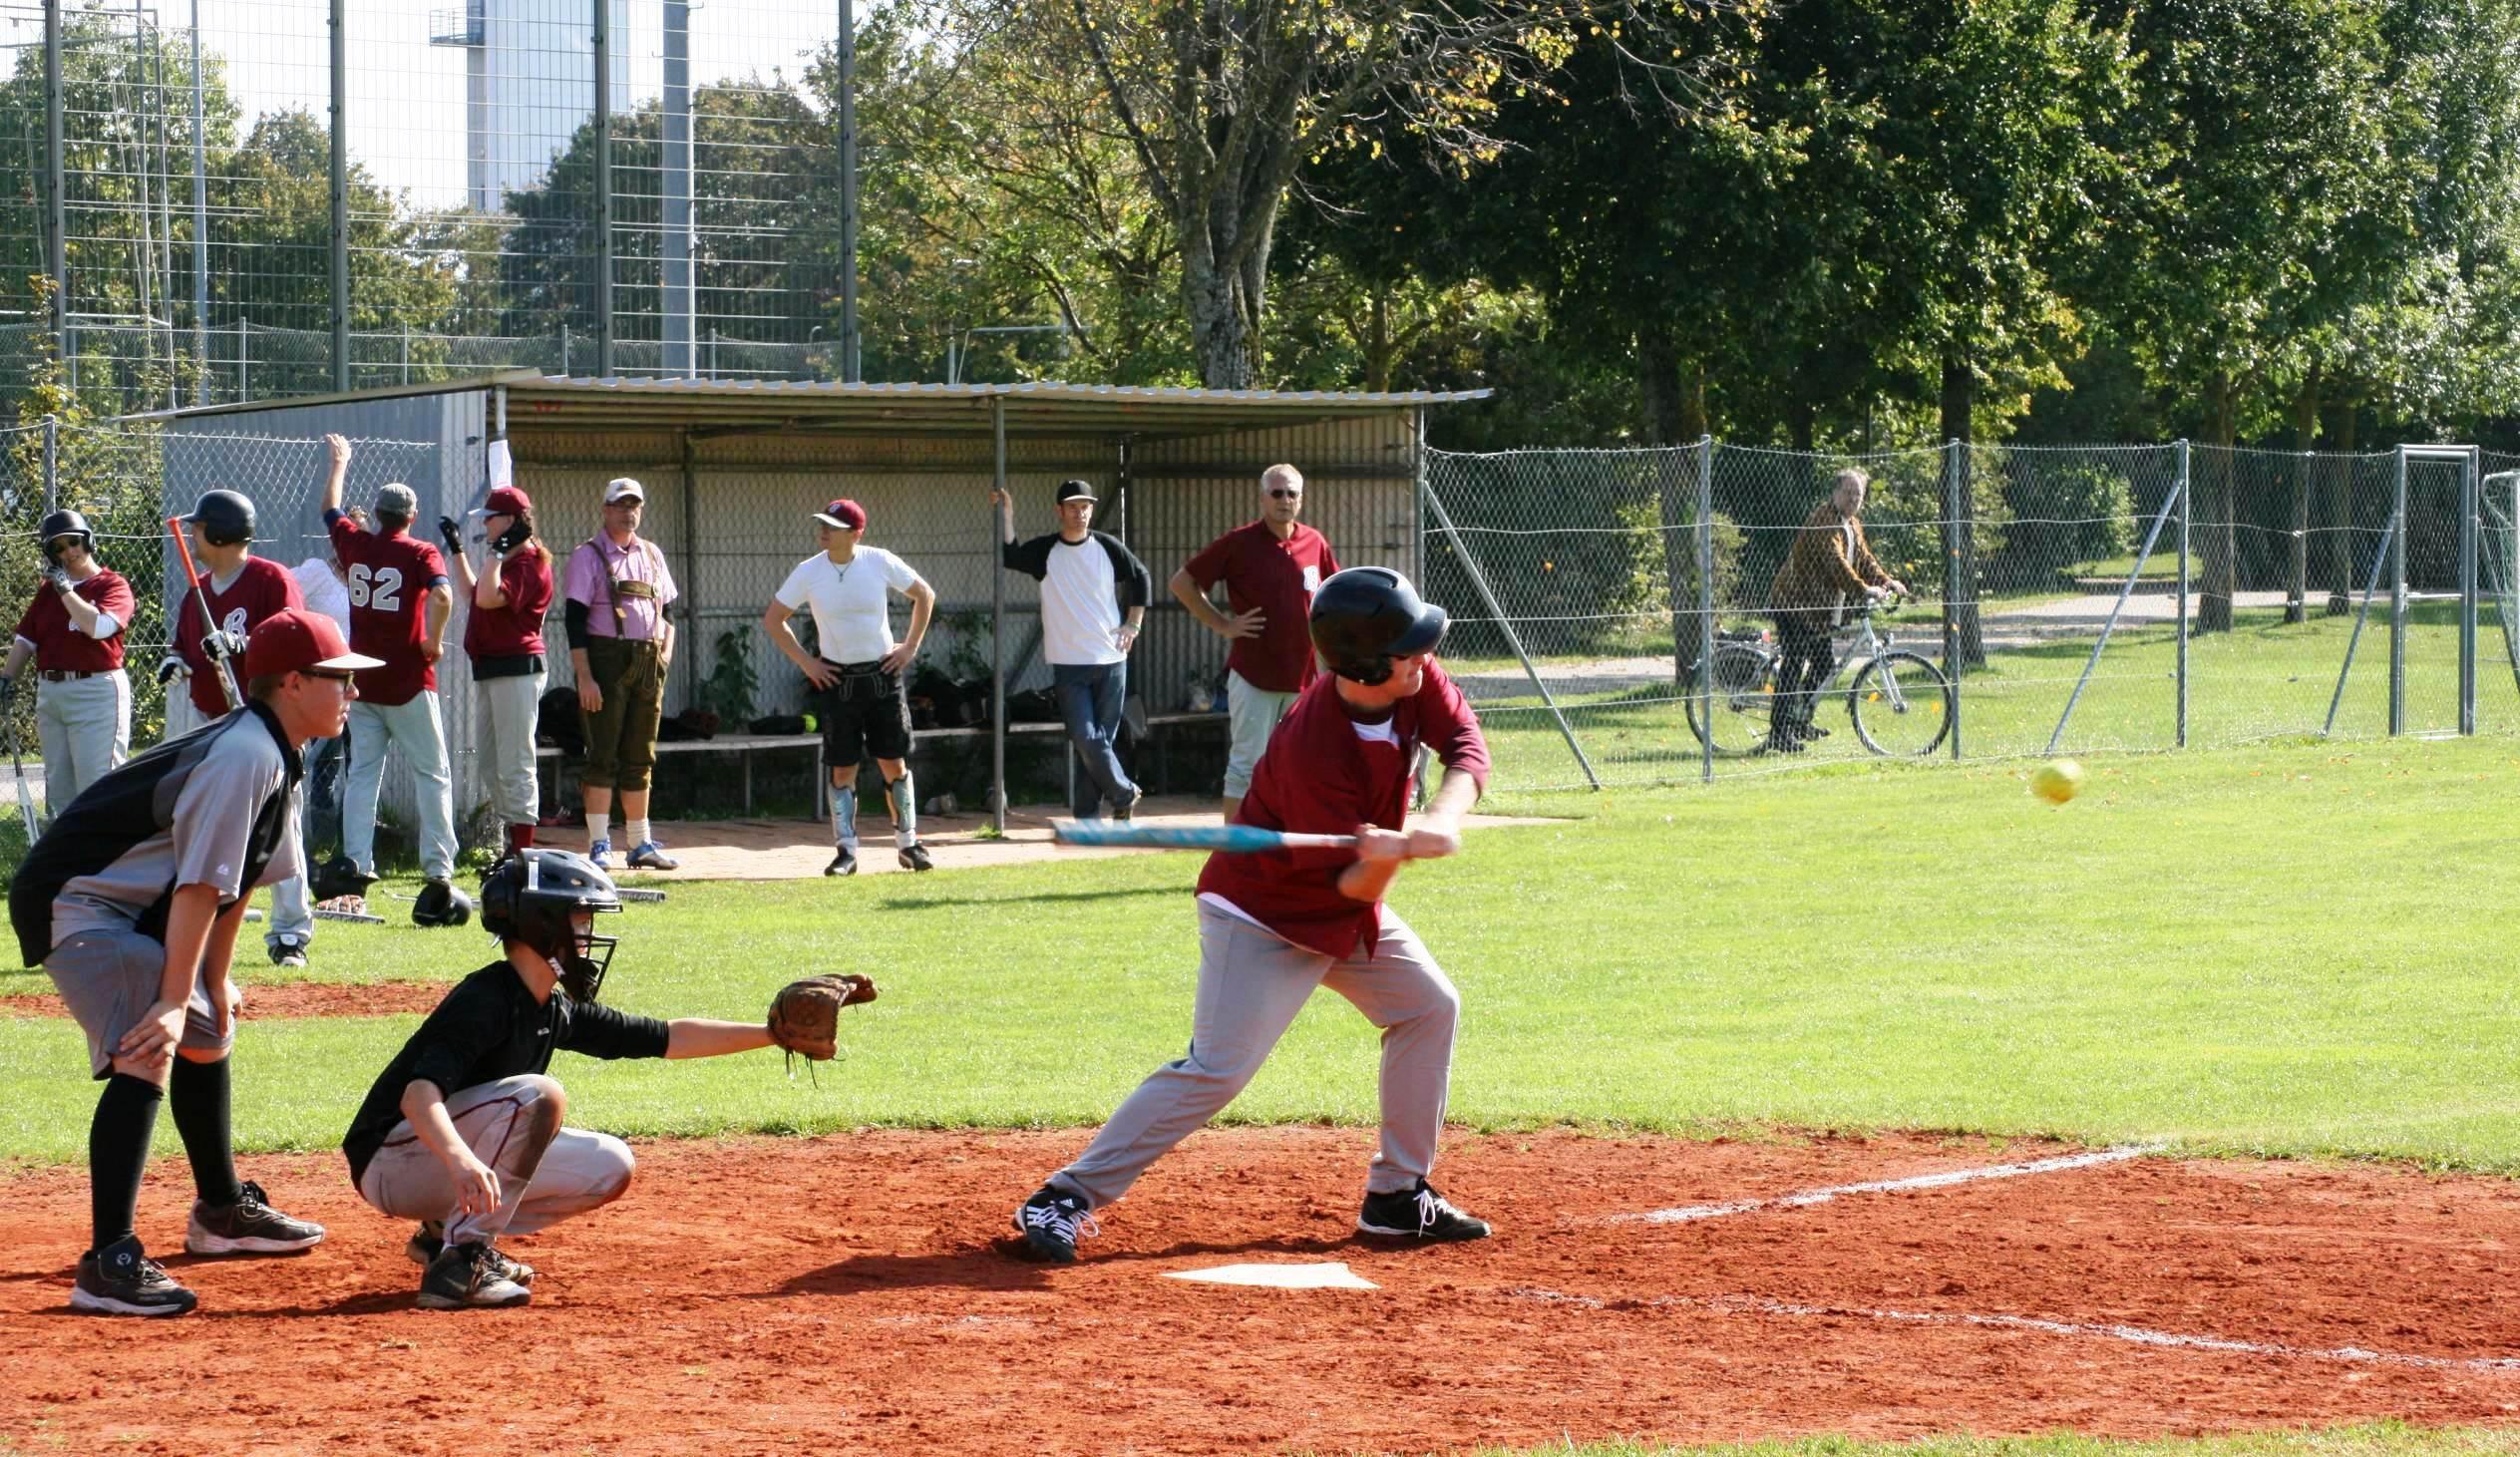 Abschied vom alten Baseballfeld